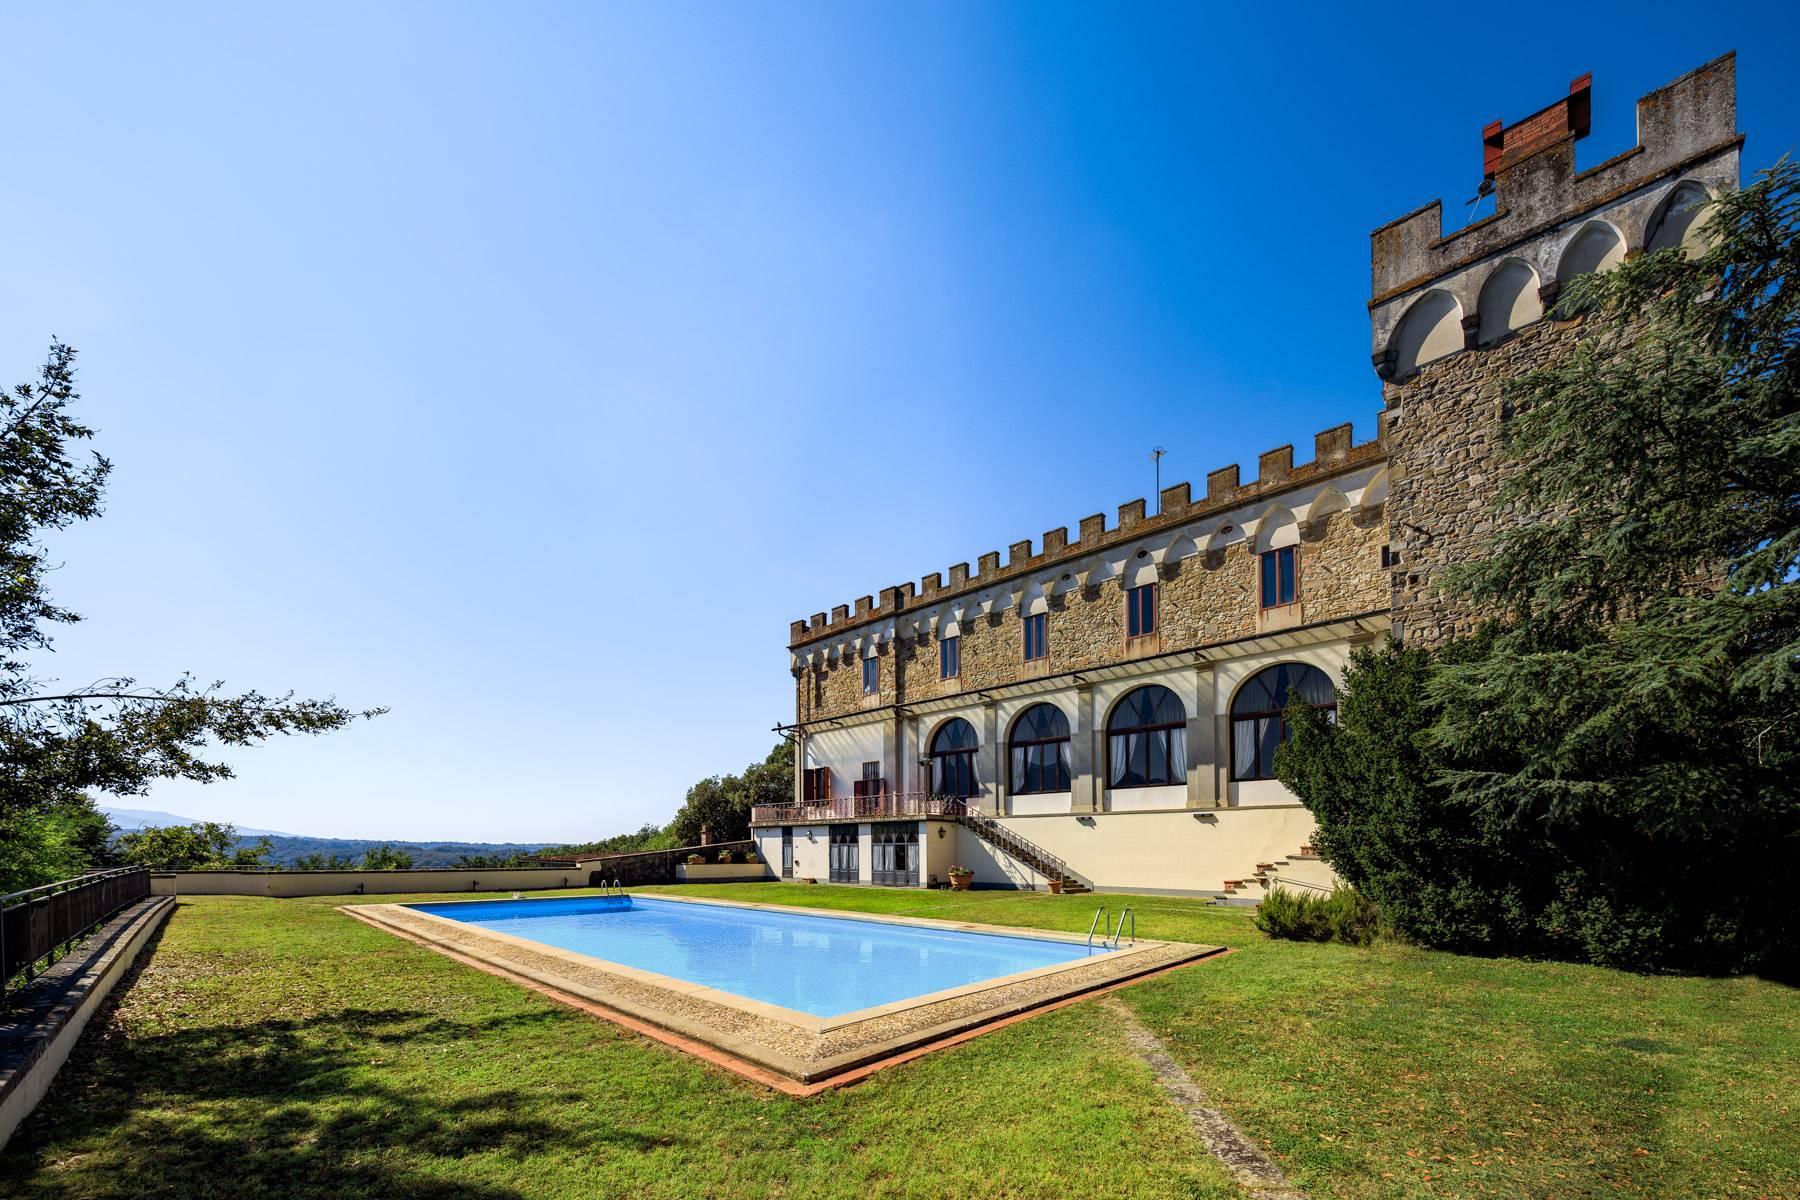 Hervorragendes Schloss auf den Hügeln von Florenz - 2